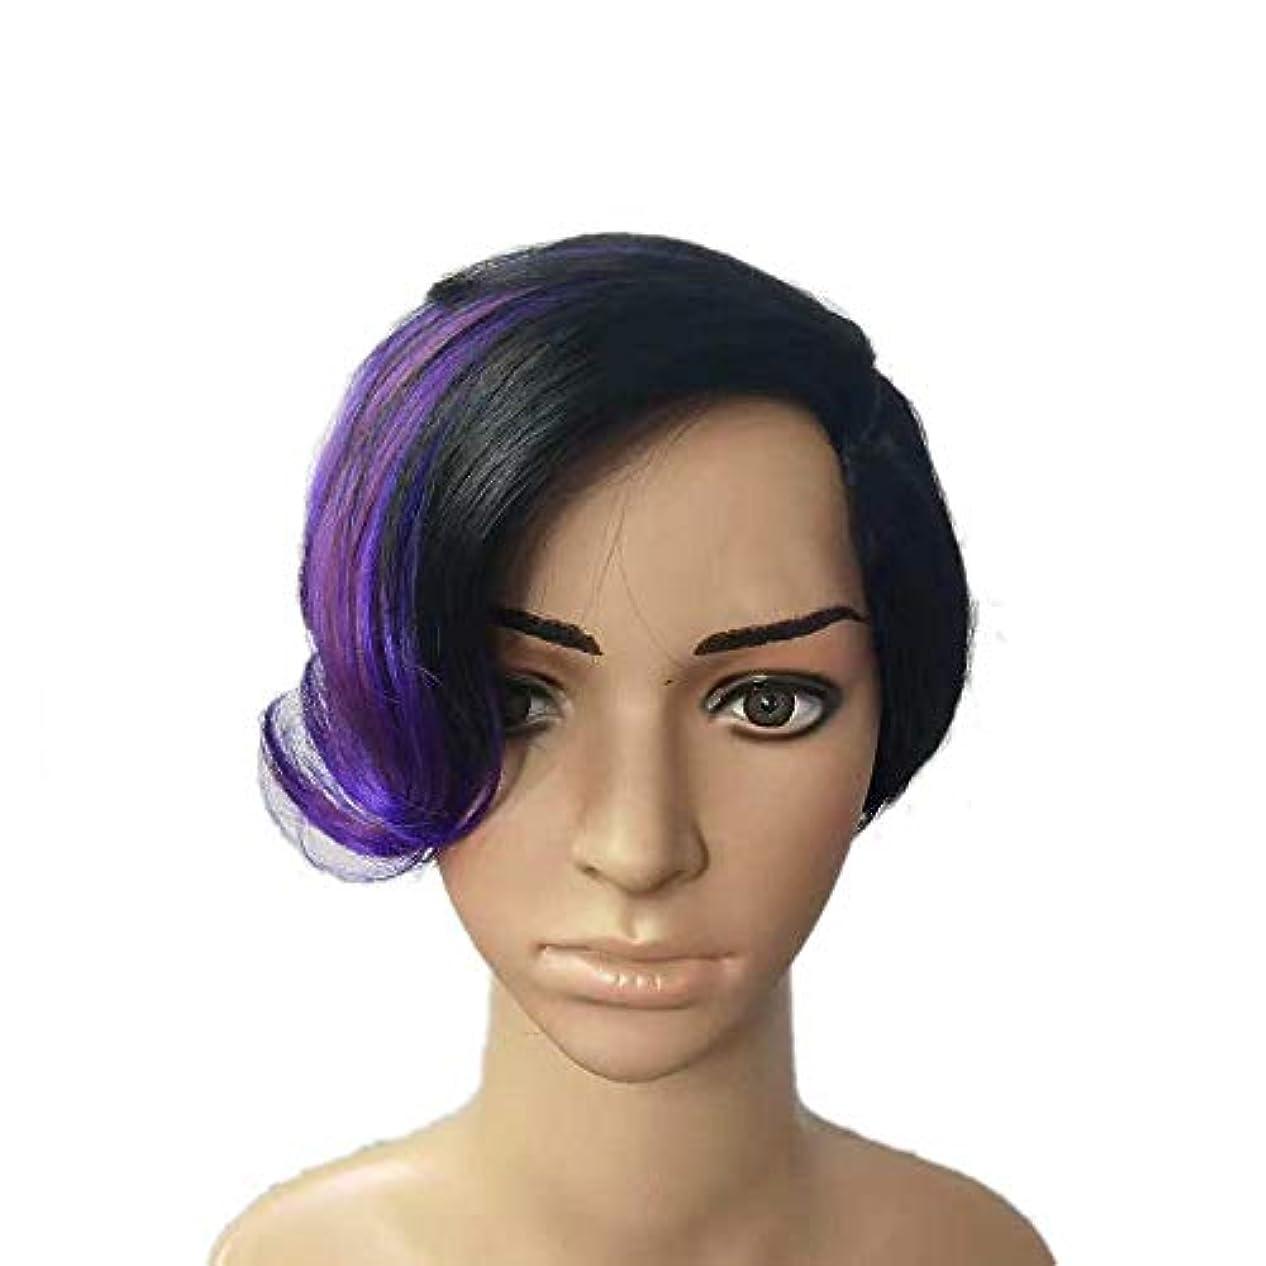 いっぱい慣らす直感YOUQIU 女性の黒のハイライトパープルショートカーリーヘアウィッグコスプレパーティードレスウィッグ (色 : Photo Color)